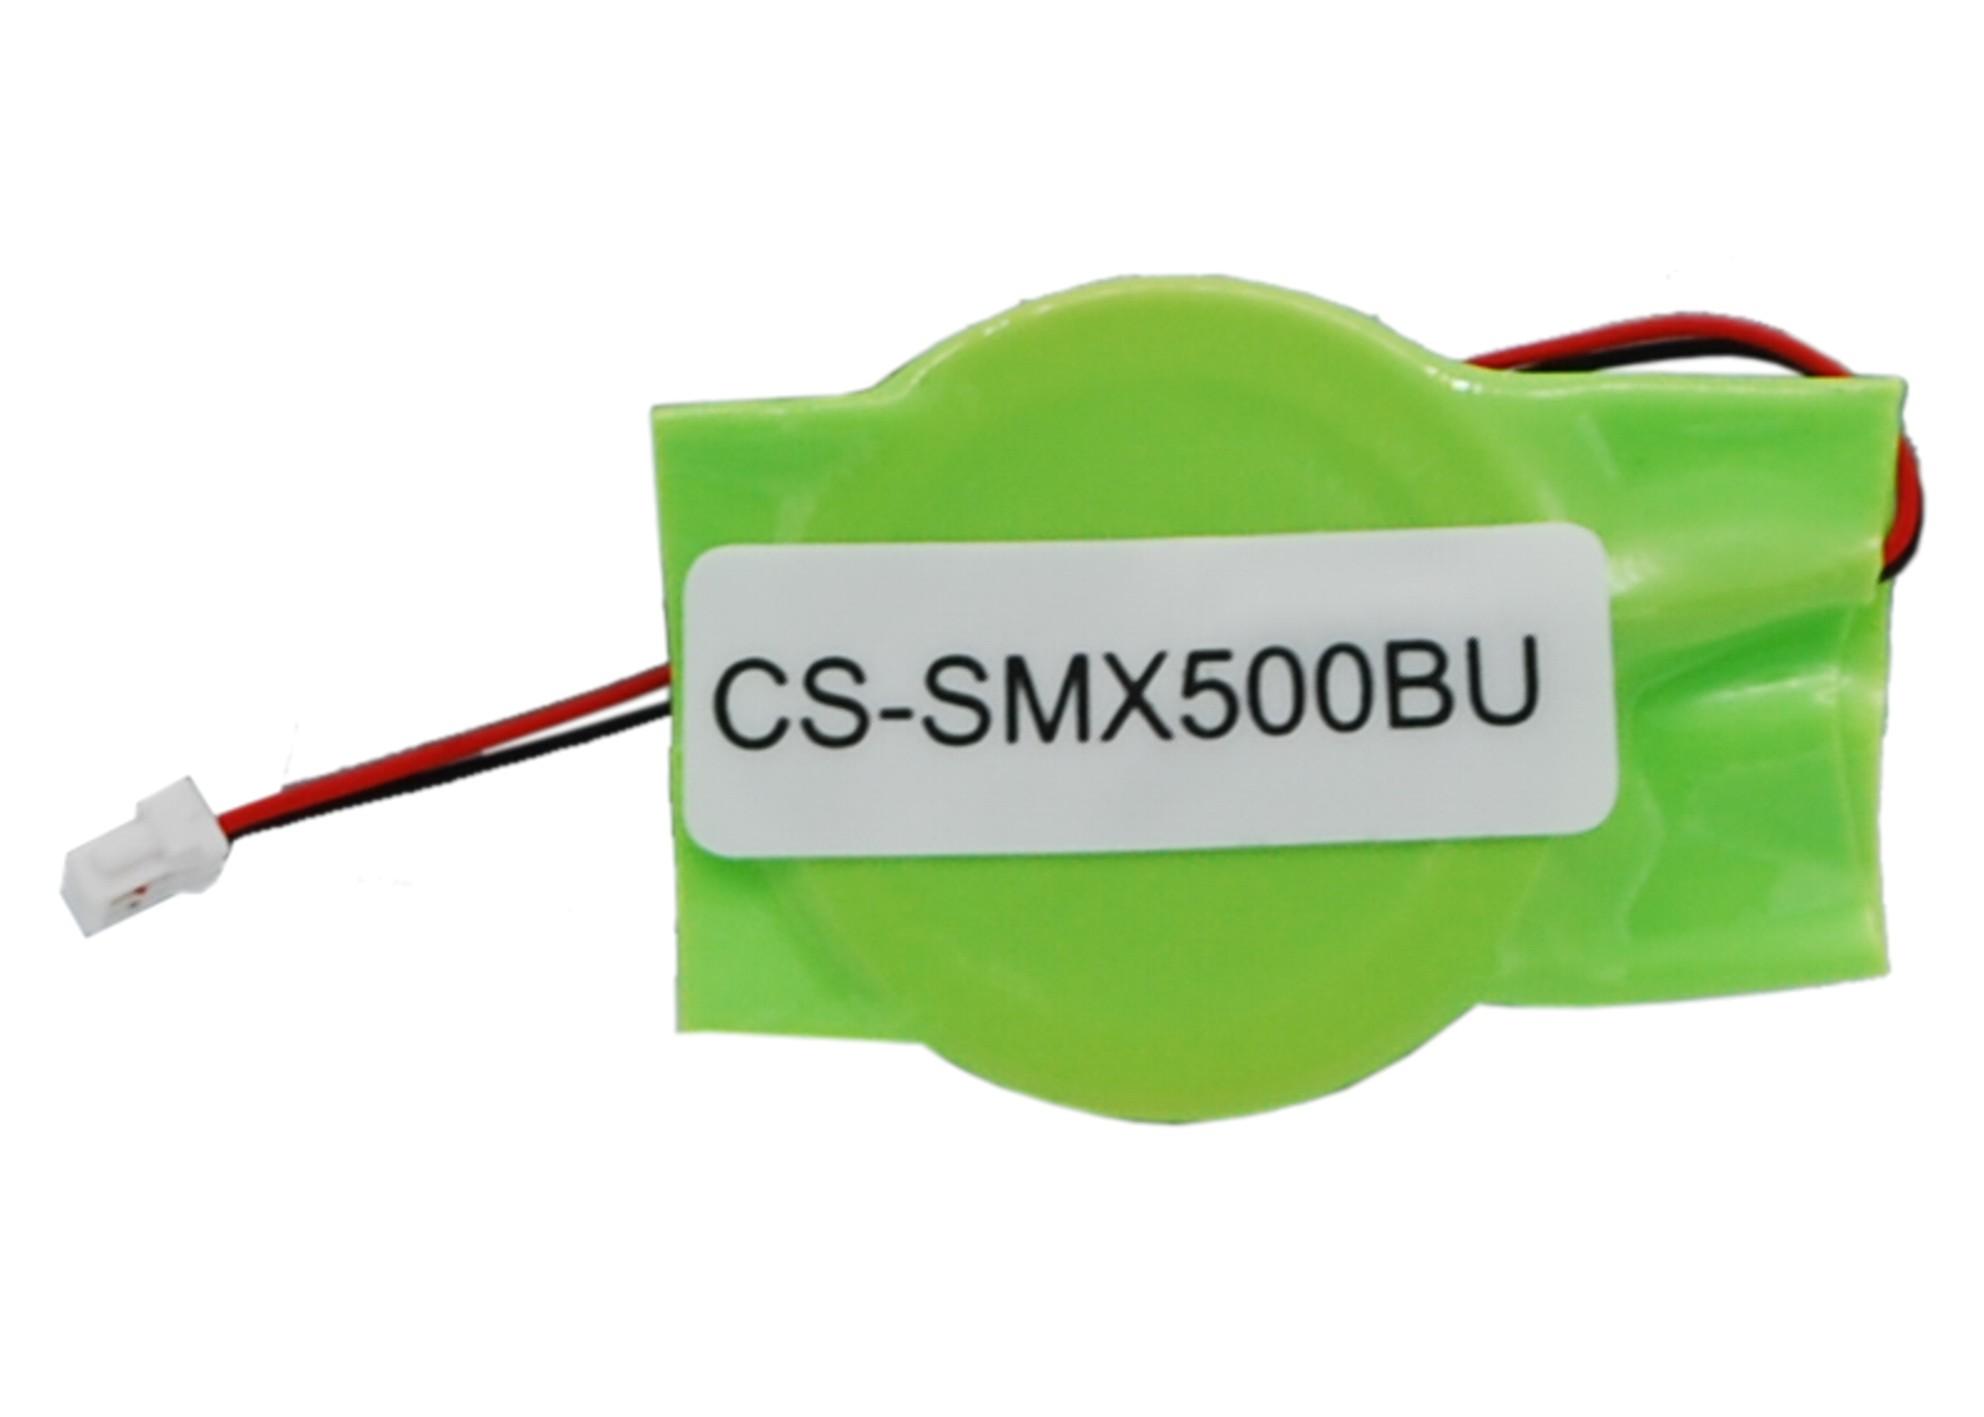 Cameron Sino baterie cmos pro SAMSUNG XE500C21-H02US 3V Li-ion 50mAh zelená - neoriginální